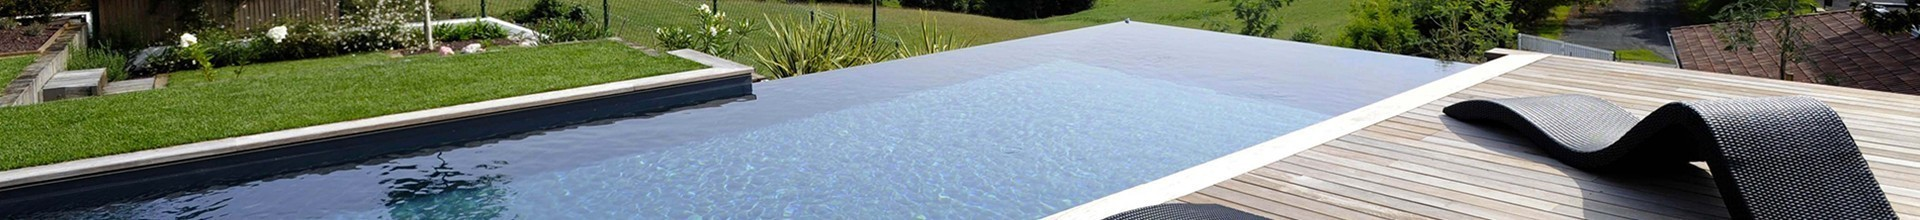 Constructeur piscine discount Ile de France